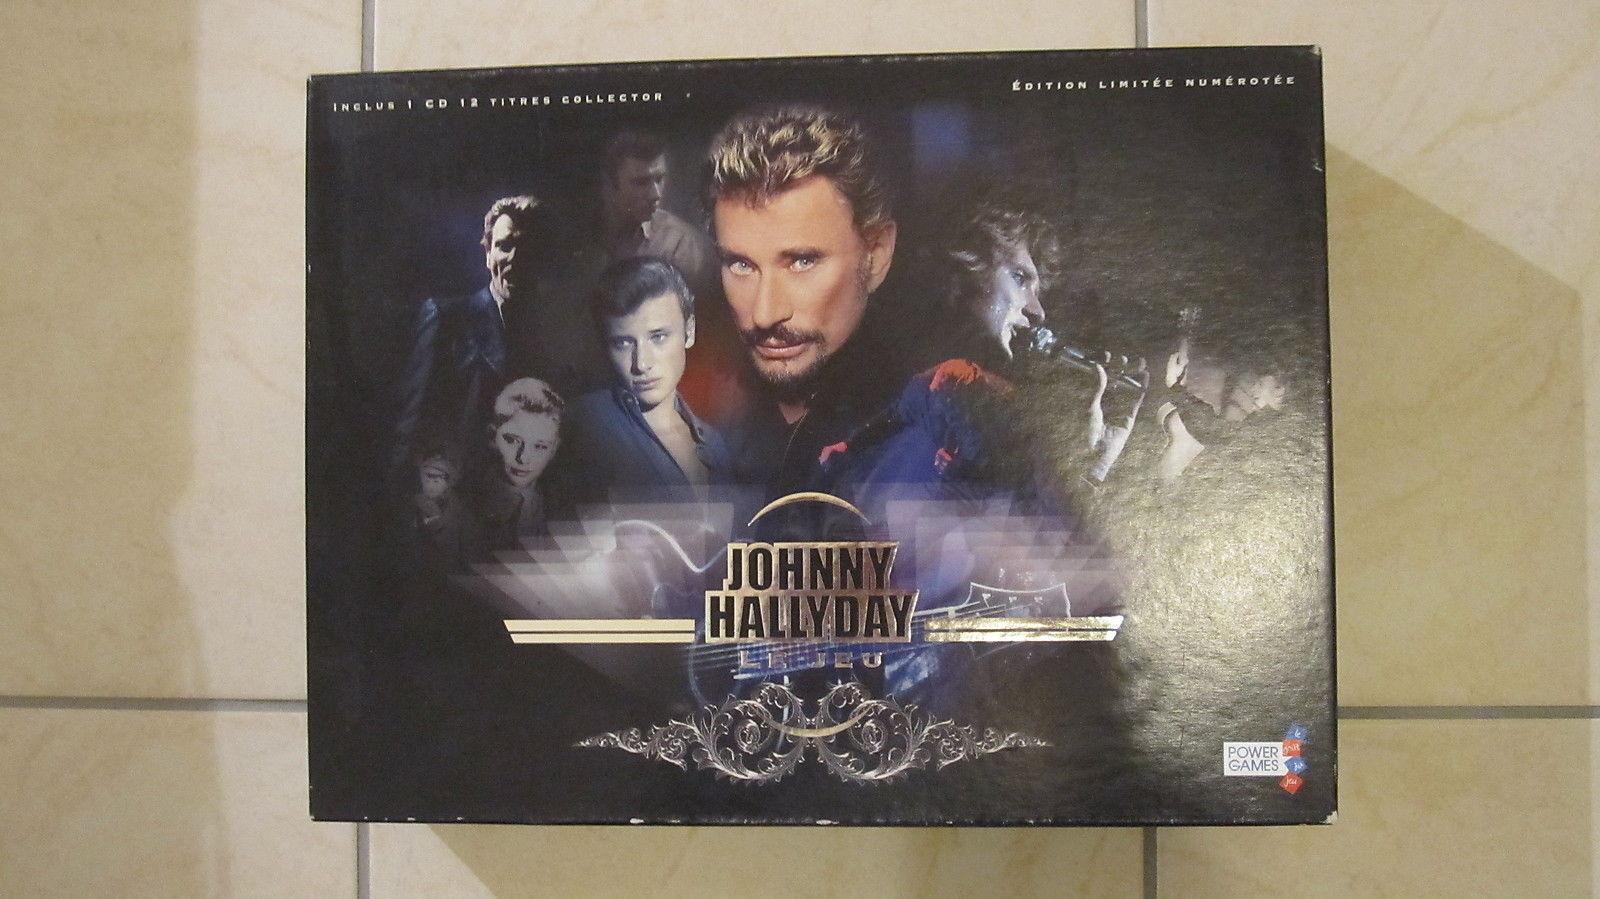 Johnny HALLYDAY Le Jeu Power Games Edition limitée numérougeée Complet avec CD TBE